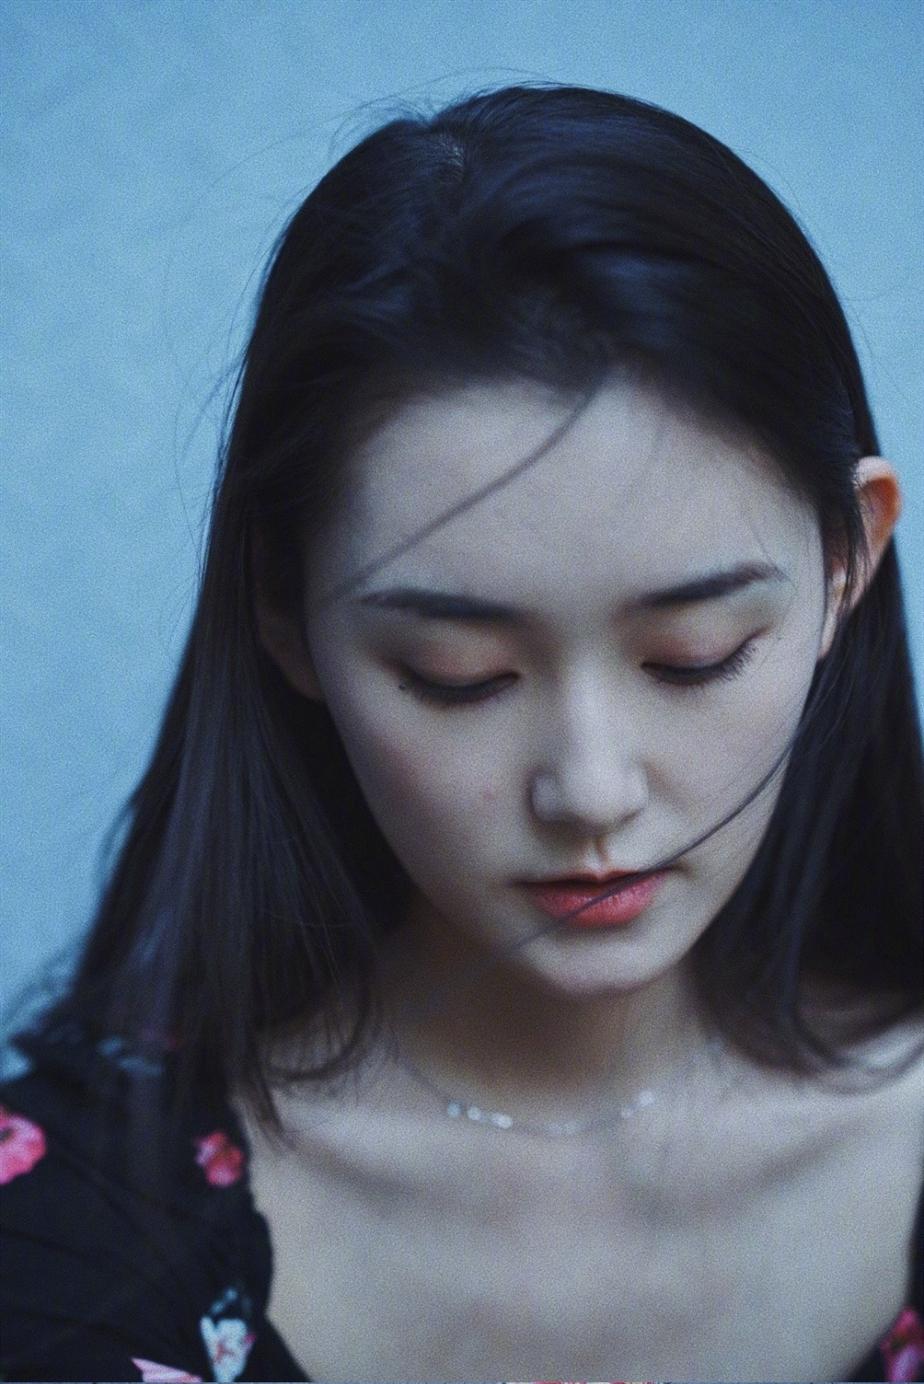 蒋依依 ( Yiyi Jiang)